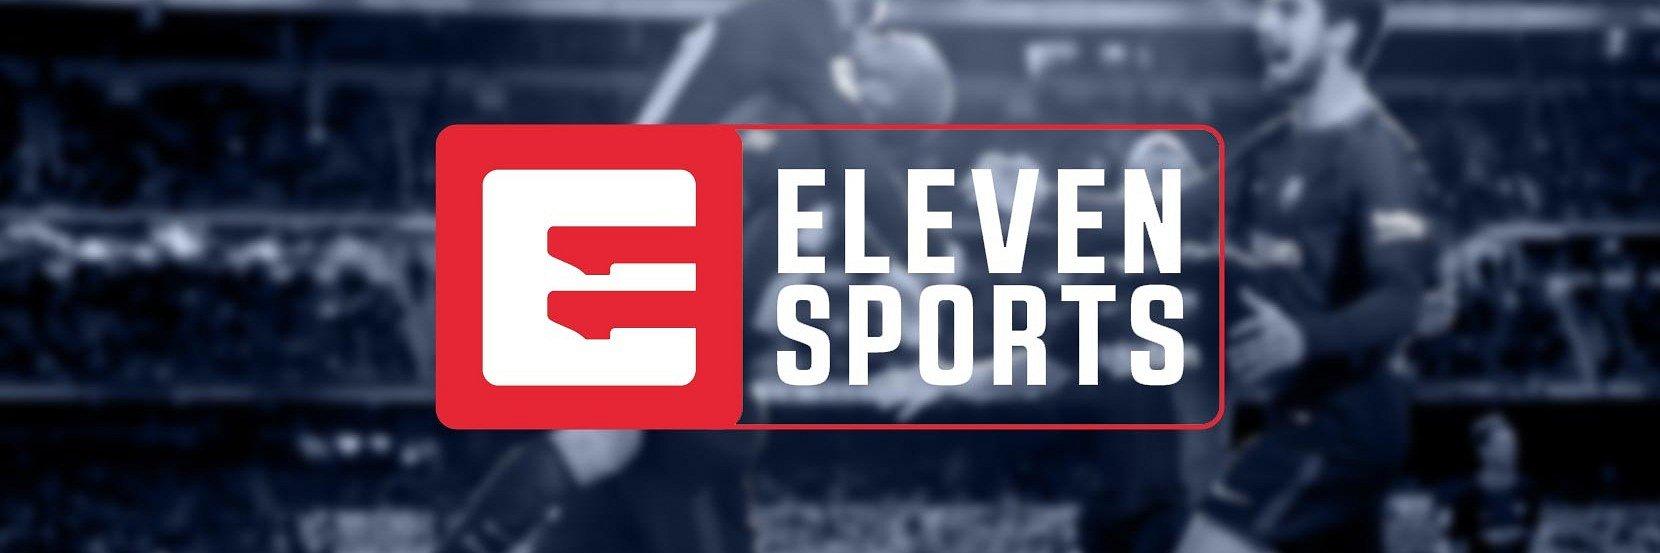 Eleven Sports oferece camisolas de Marco Reus e Raffael aos fãs em passatempo nas redes sociais